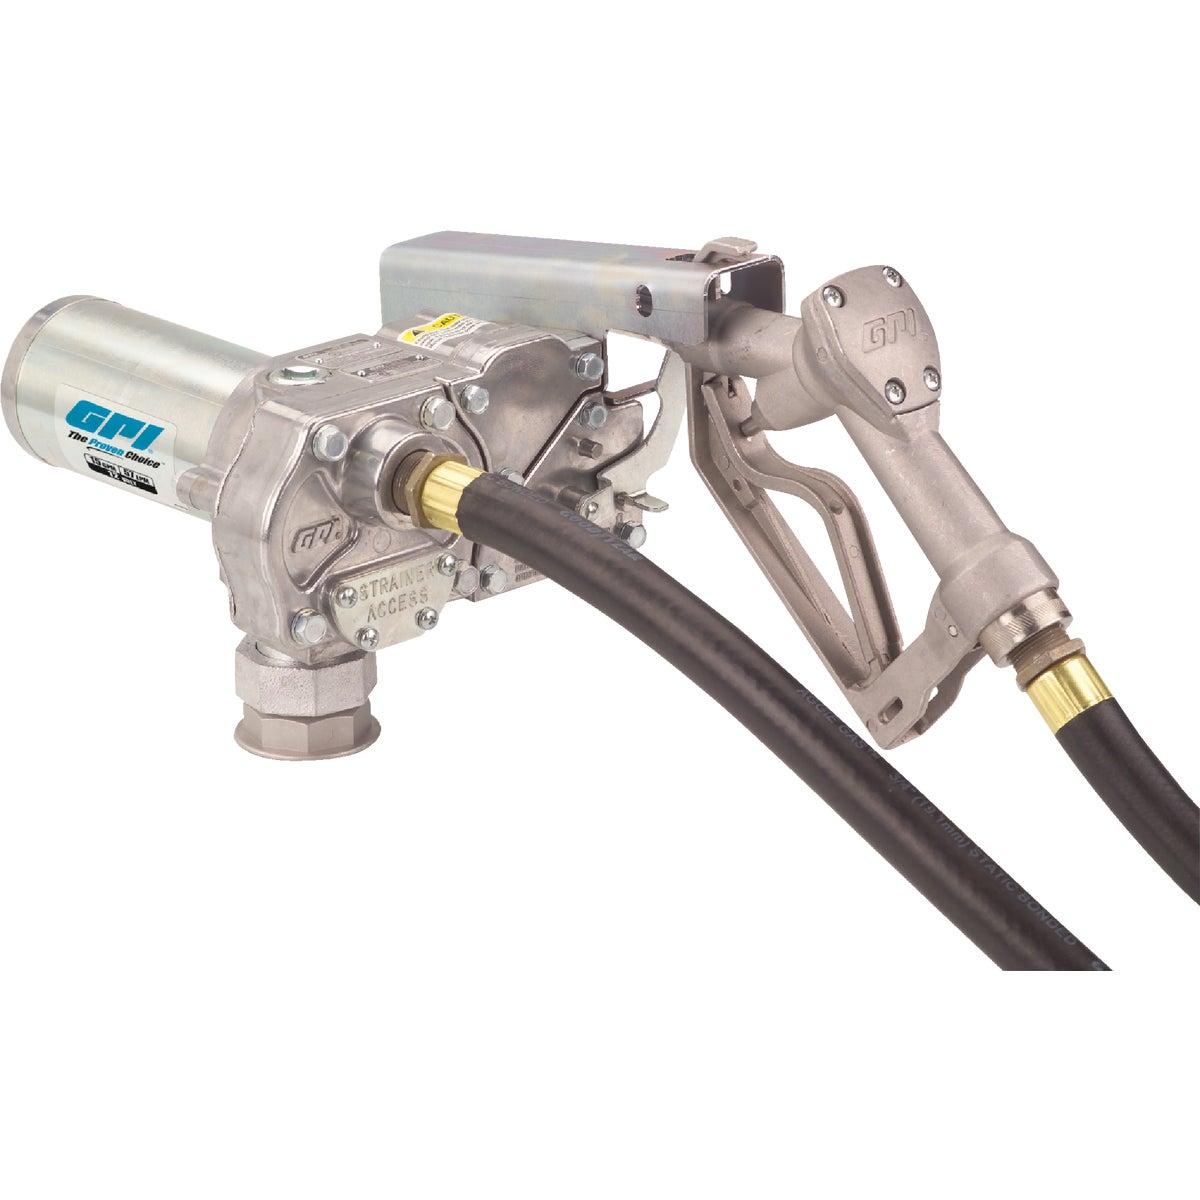 12V Dc 15Gpm Fuel Pump